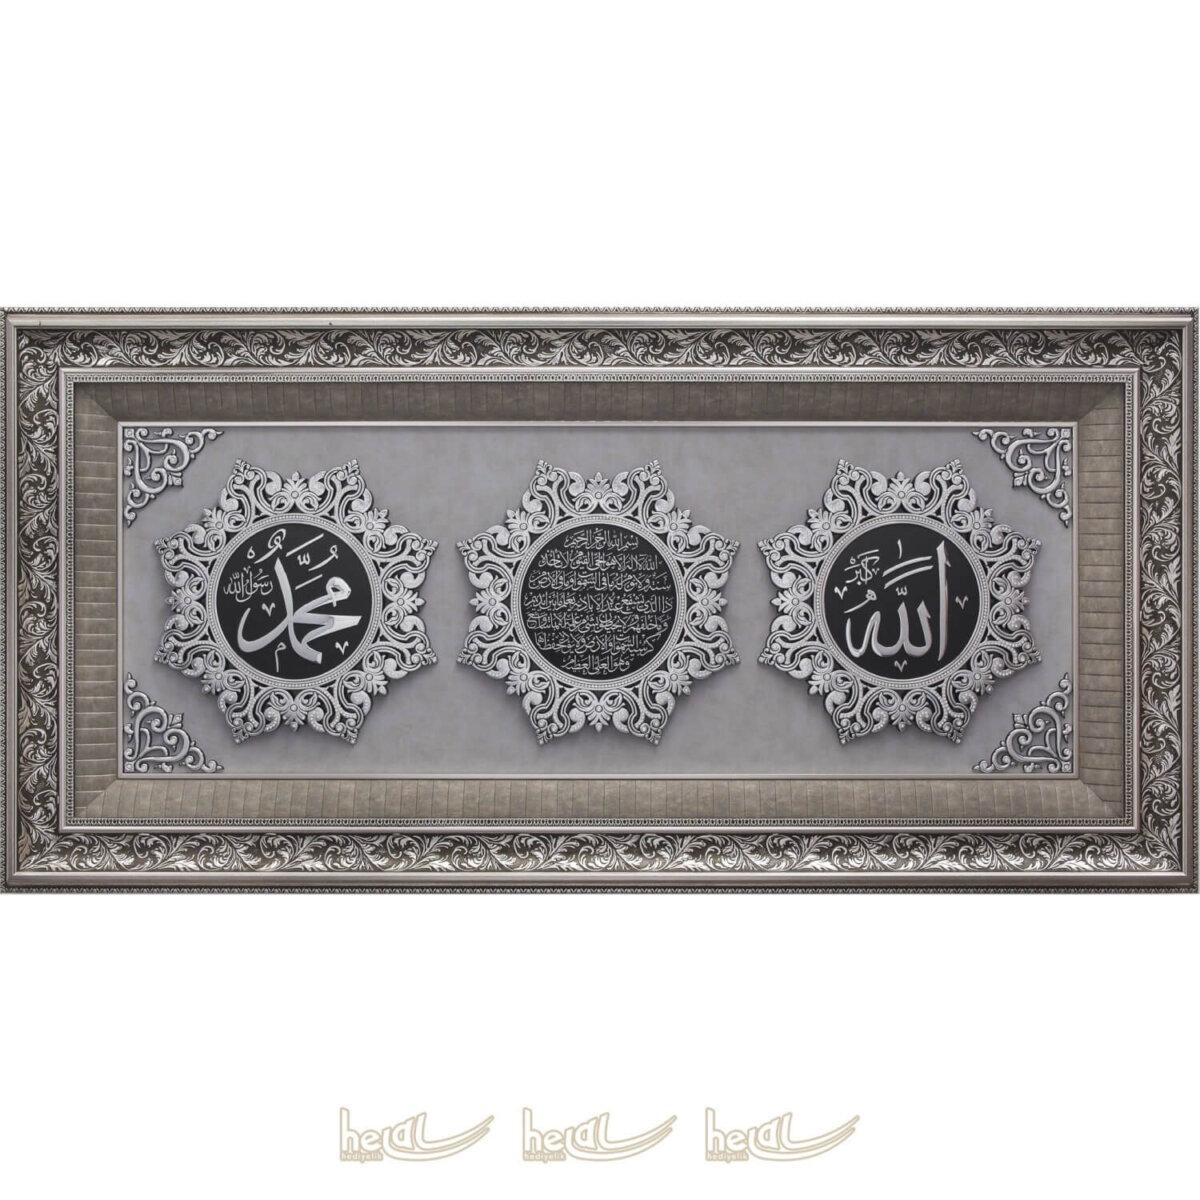 75x155cm Allah cc. – Ayetel Kürsi- Muhammed sav Yazılı Papatya Modeli 3′ lü Çerçeve Tablo Ayetli Ürünler